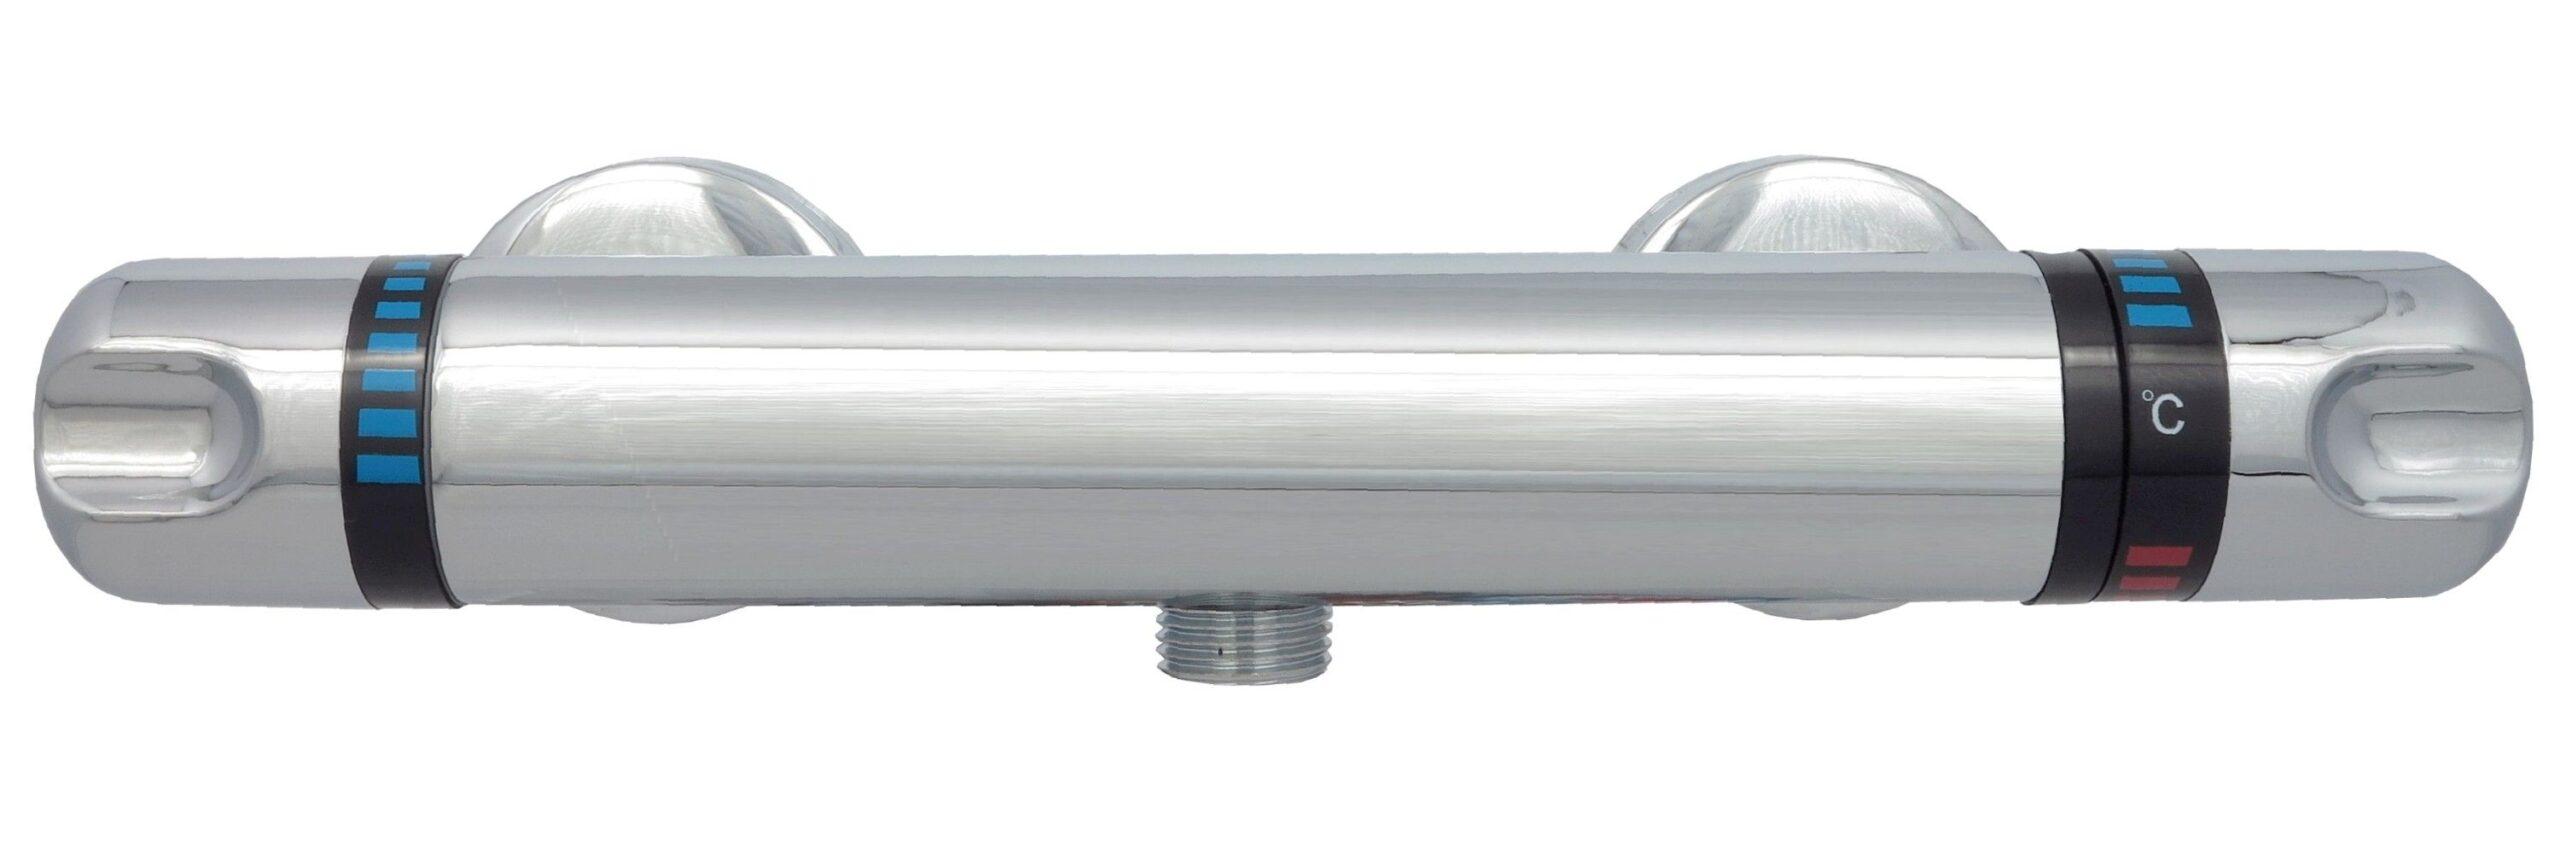 Full Size of Dusche Einbauen Ebenerdig Siphon Bluetooth Lautsprecher Haltegriff Bodengleiche Bodengleich Hsk Duschen 90x90 Begehbare Ohne Tür Eckeinstieg Schulte Dusche Thermostat Dusche